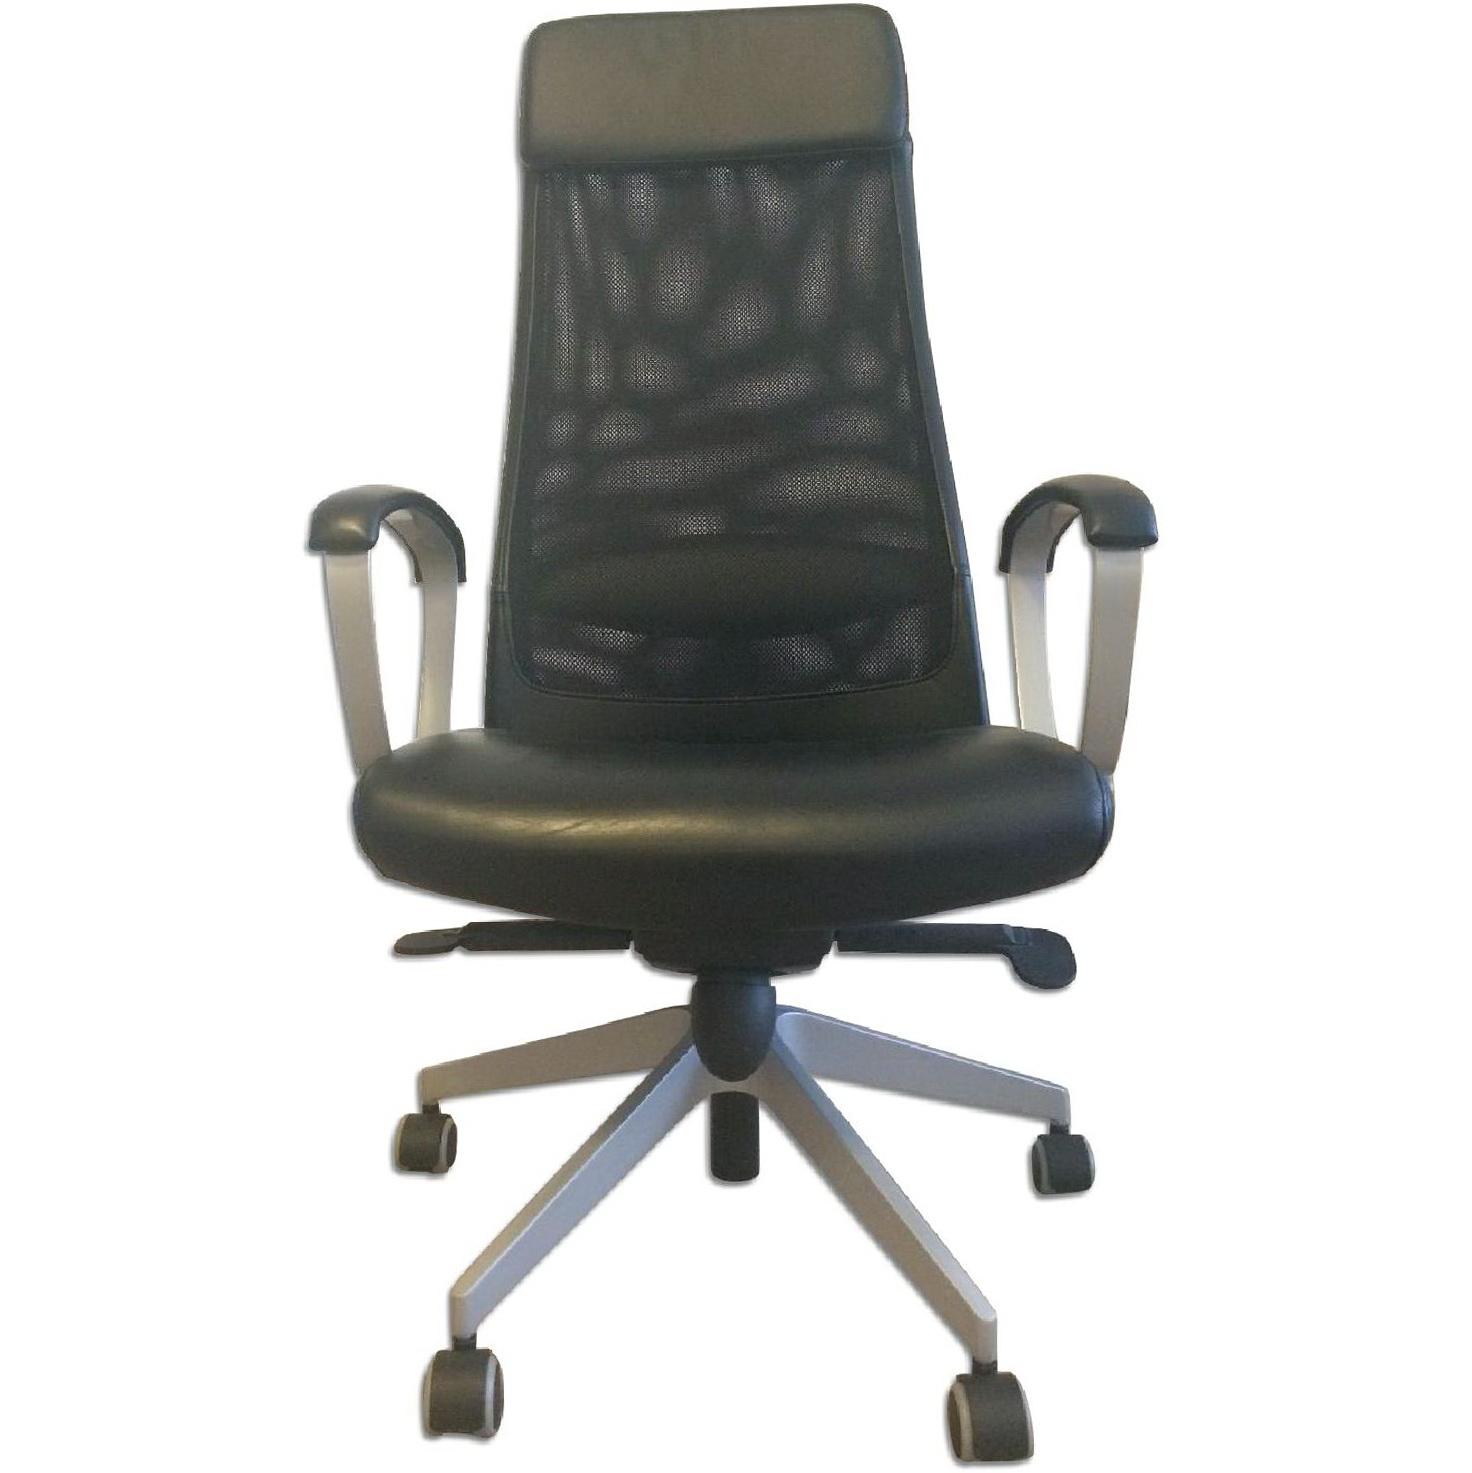 Ikea Office Chair Markus